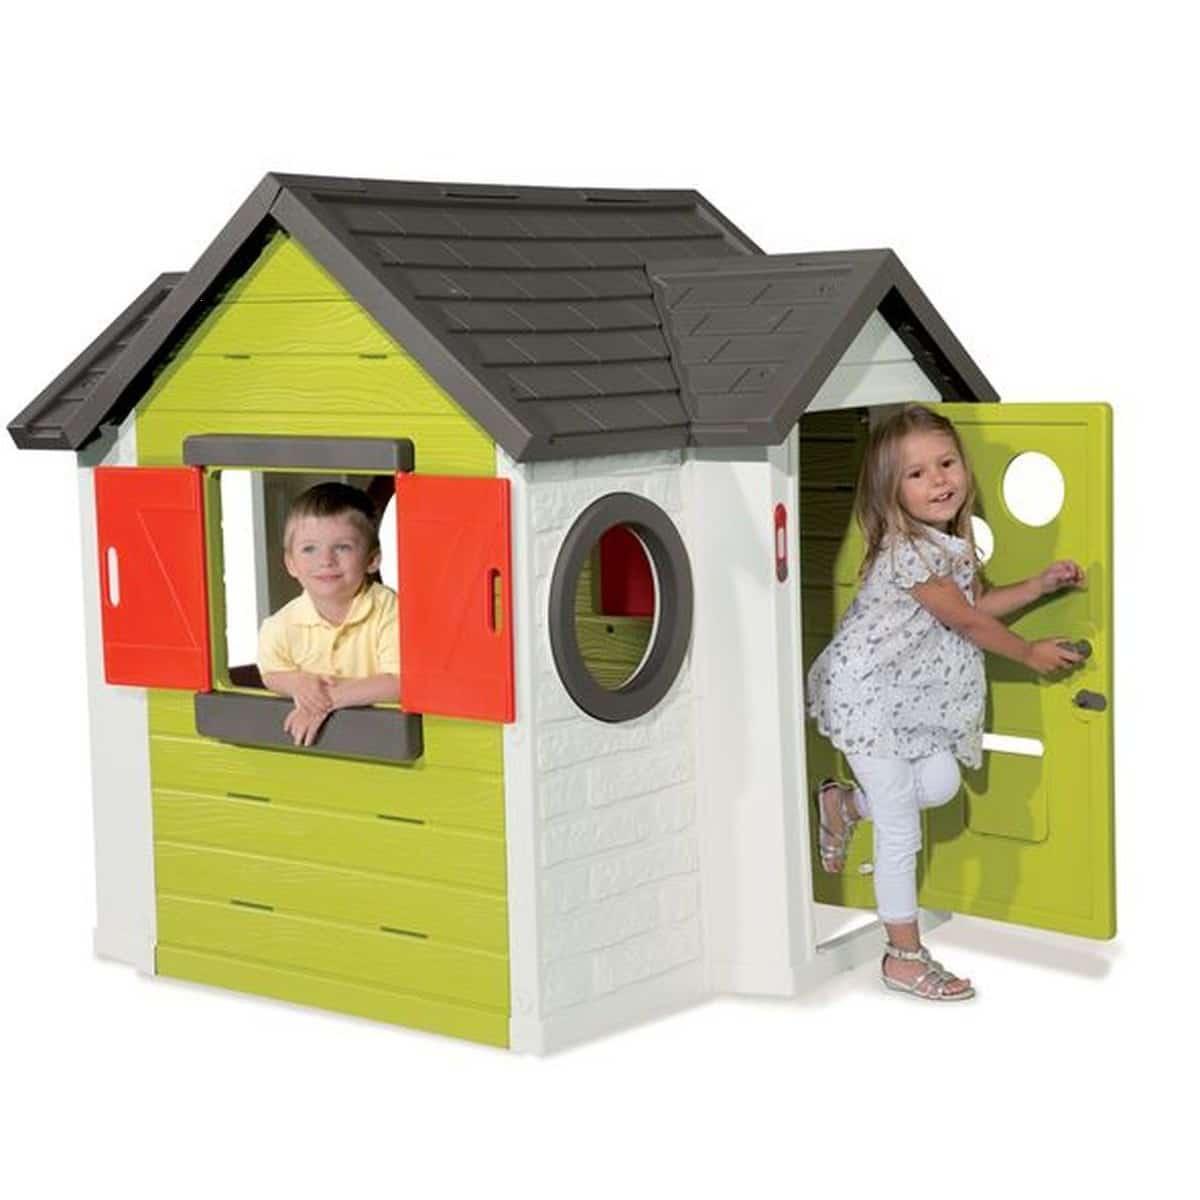 Maison Enfant En Bois: Cabane Enfant ⇒ Comparatif, Avis Et Meilleurs Modèles 2019